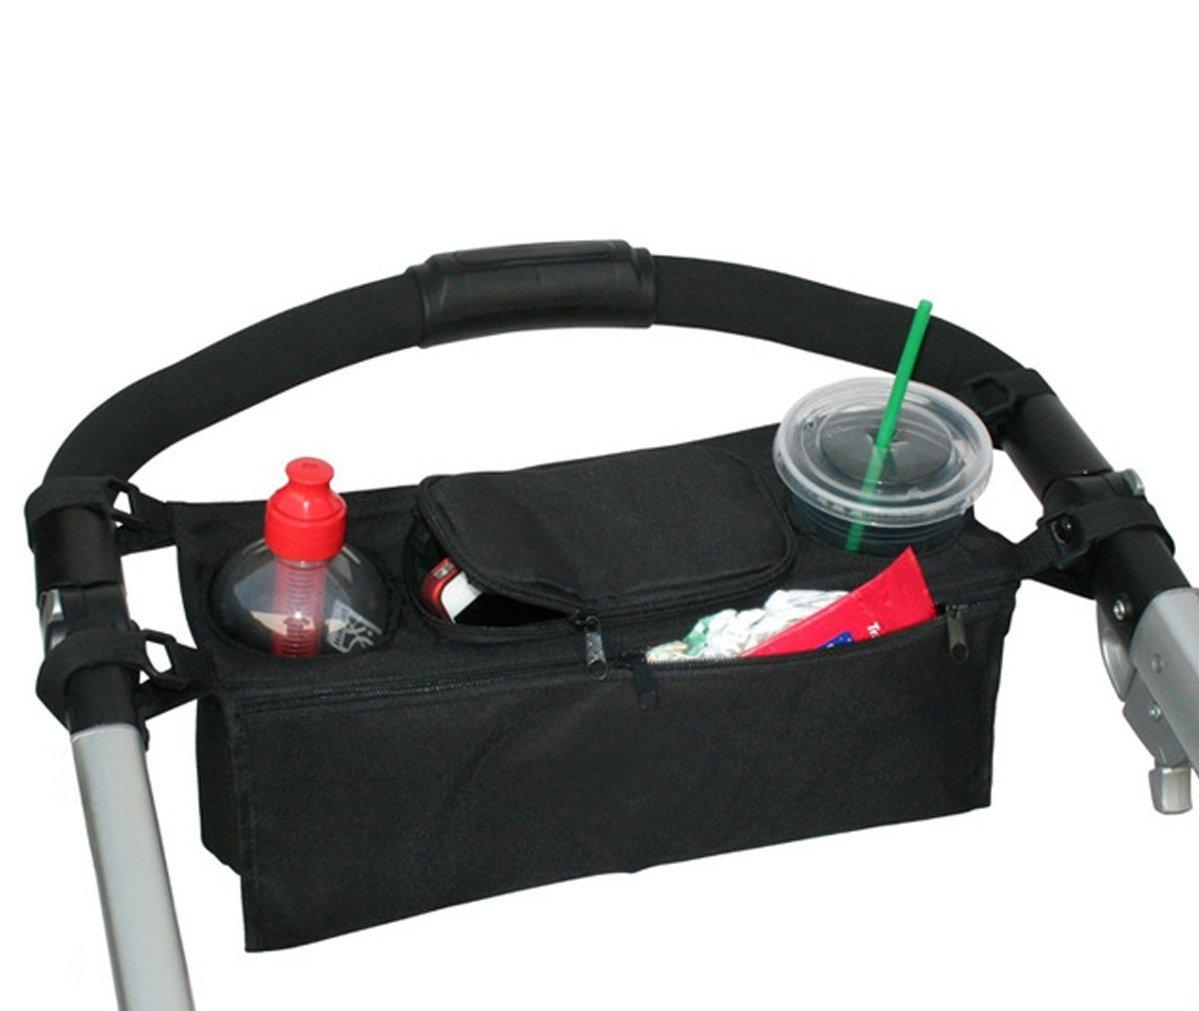 Ashdown borsa organizer Cup Holder passeggino accessori organizzatore cibo snack Storage Bag